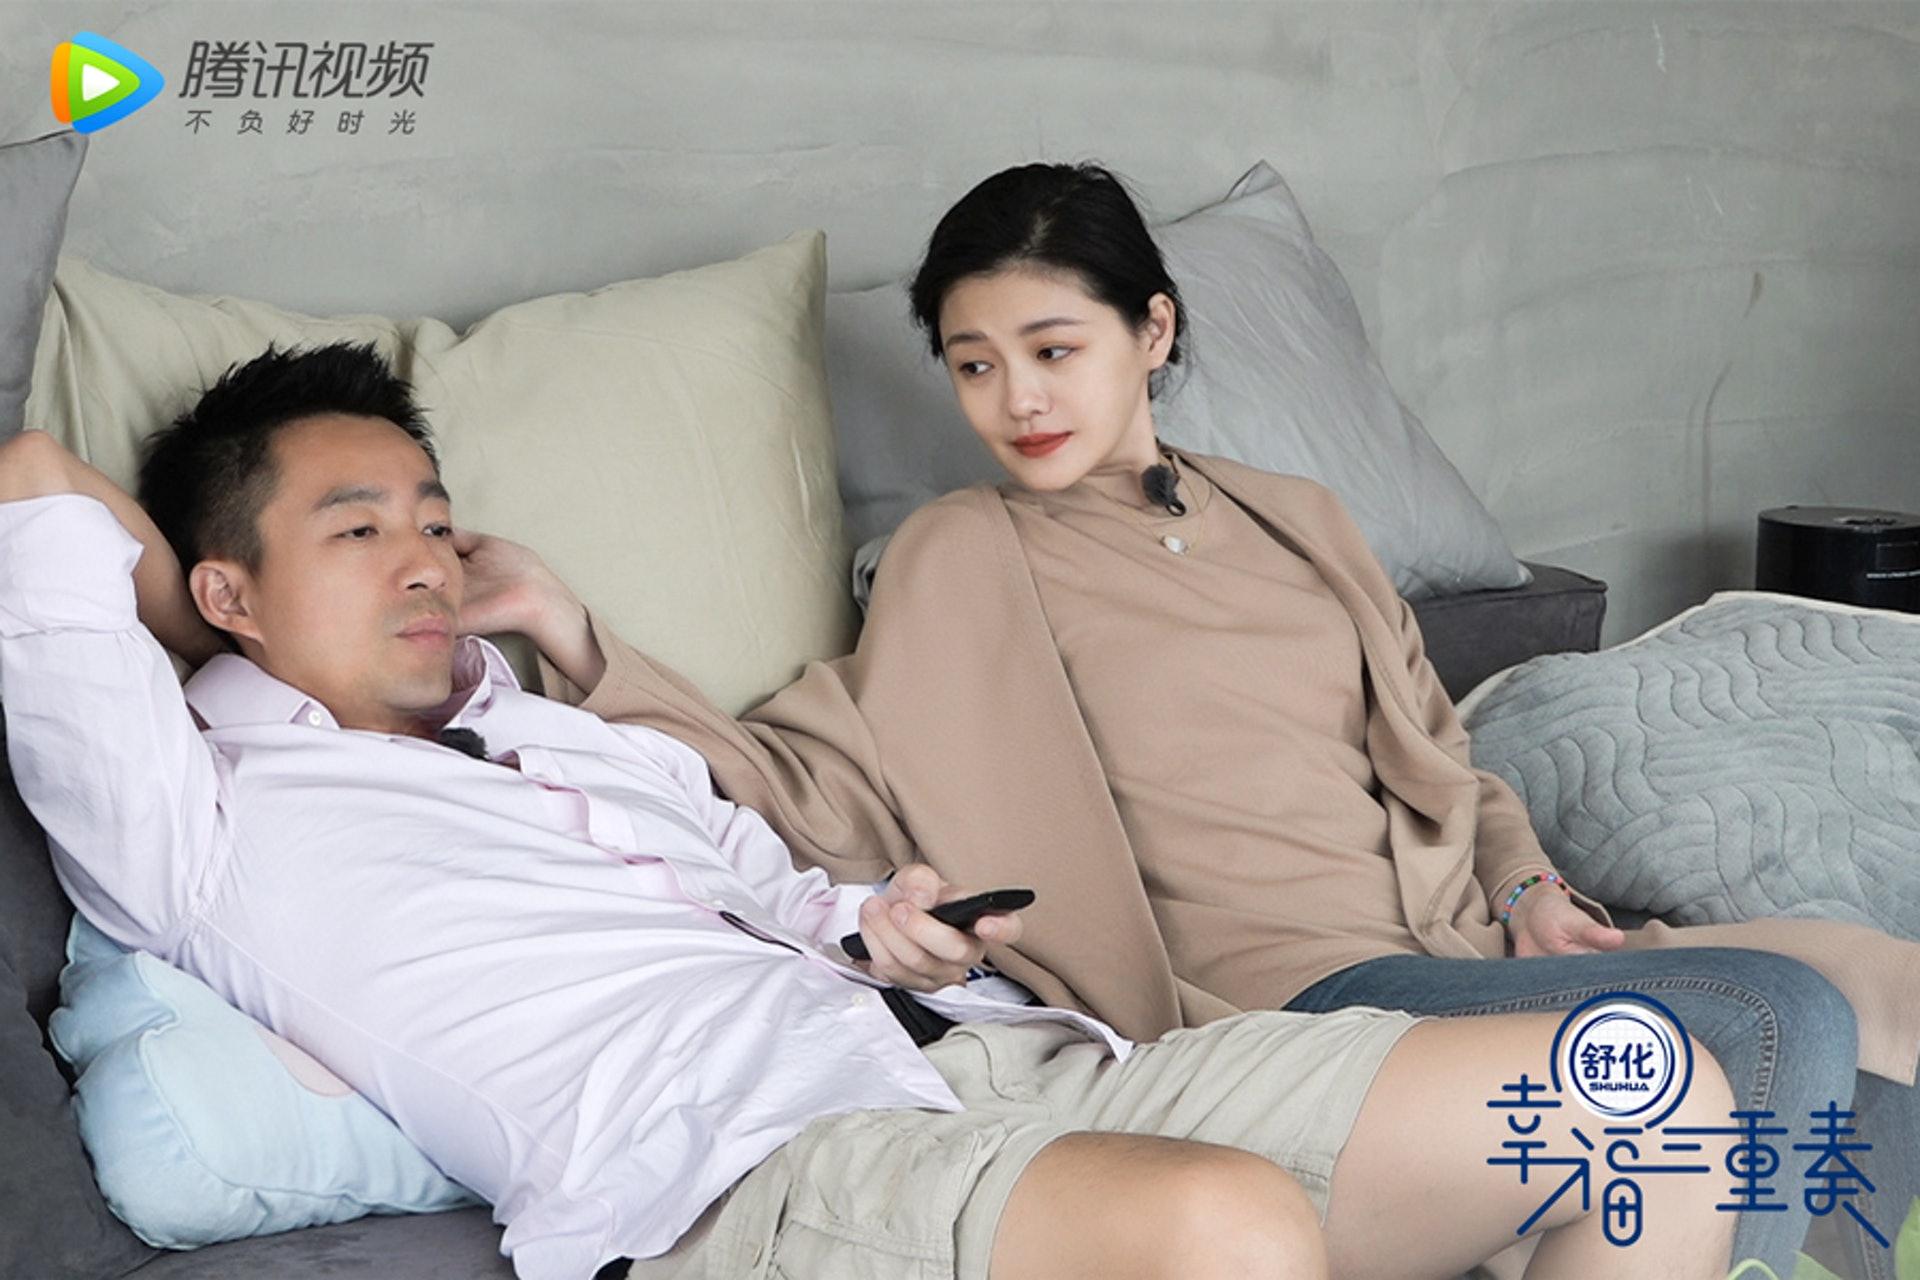 大S、汪小菲十年婚姻告吹! 親口向傳媒承認正辦離婚手續